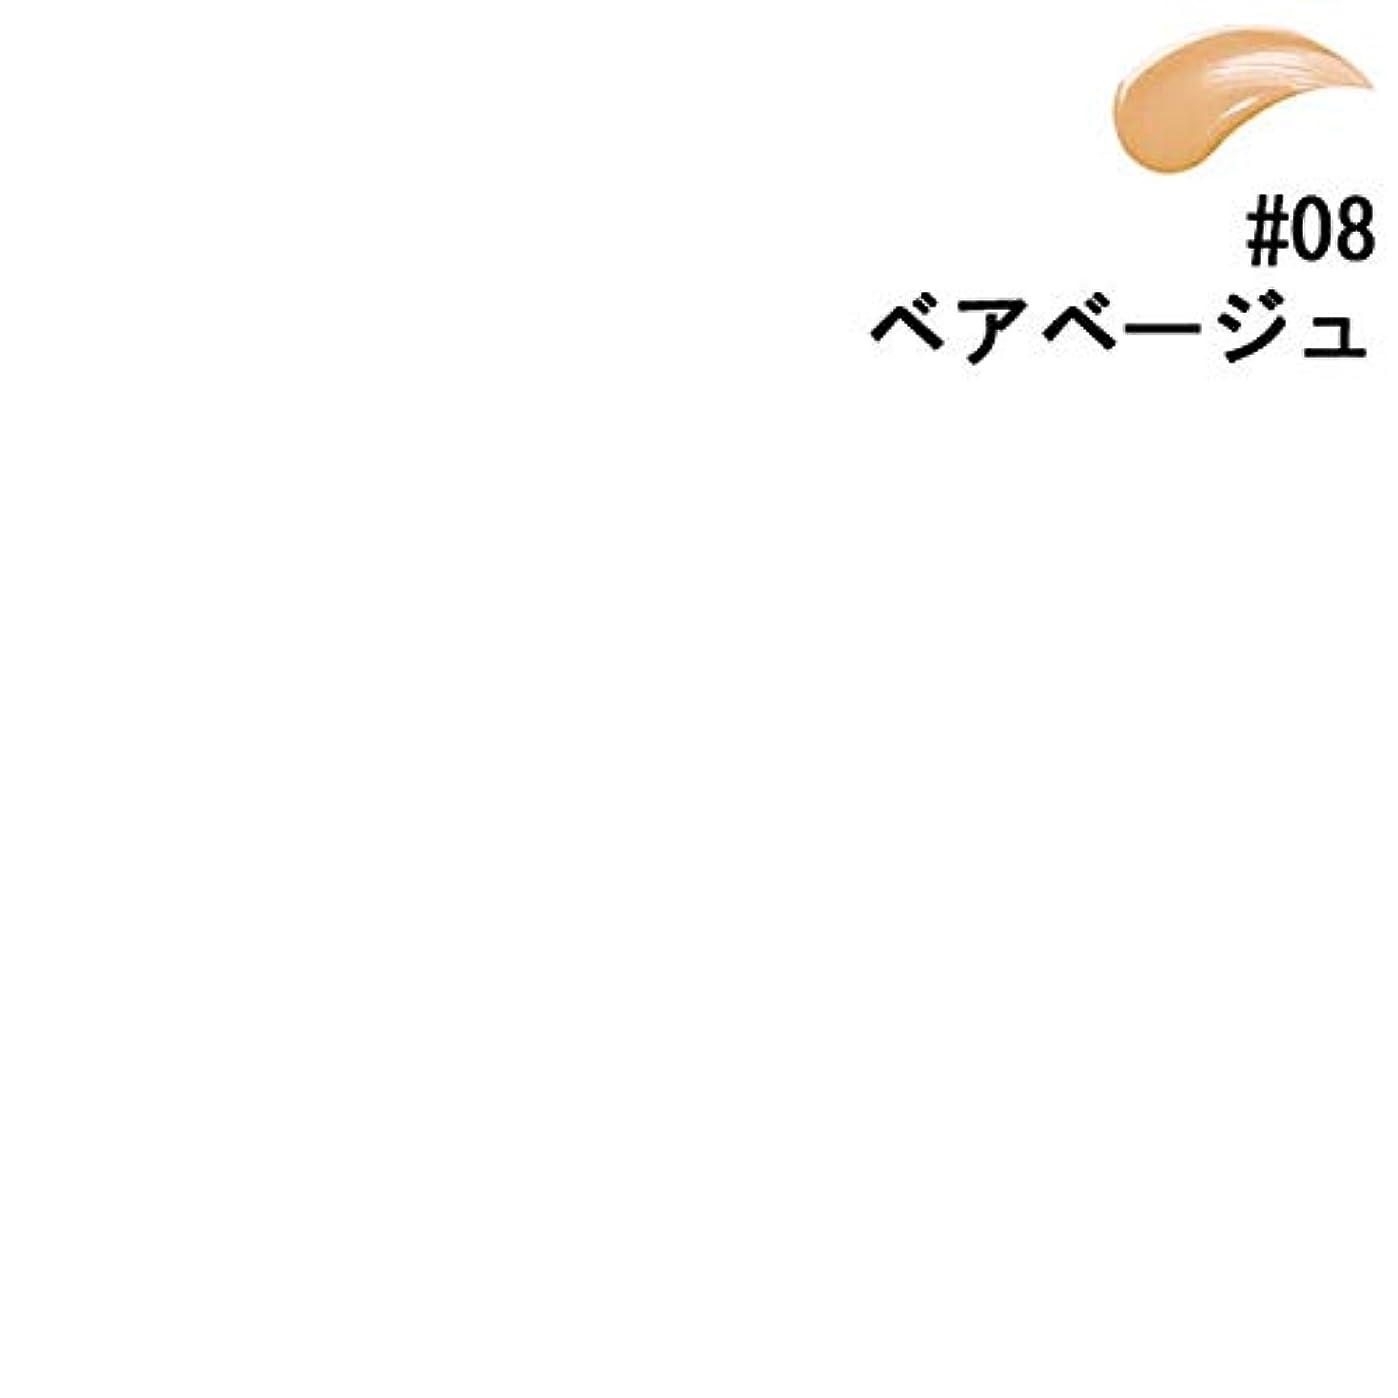 弁護人球体ささやき【ベアミネラル】ベアミネラル ベア ファンデーション #08 ベアベージュ 30ml [並行輸入品]